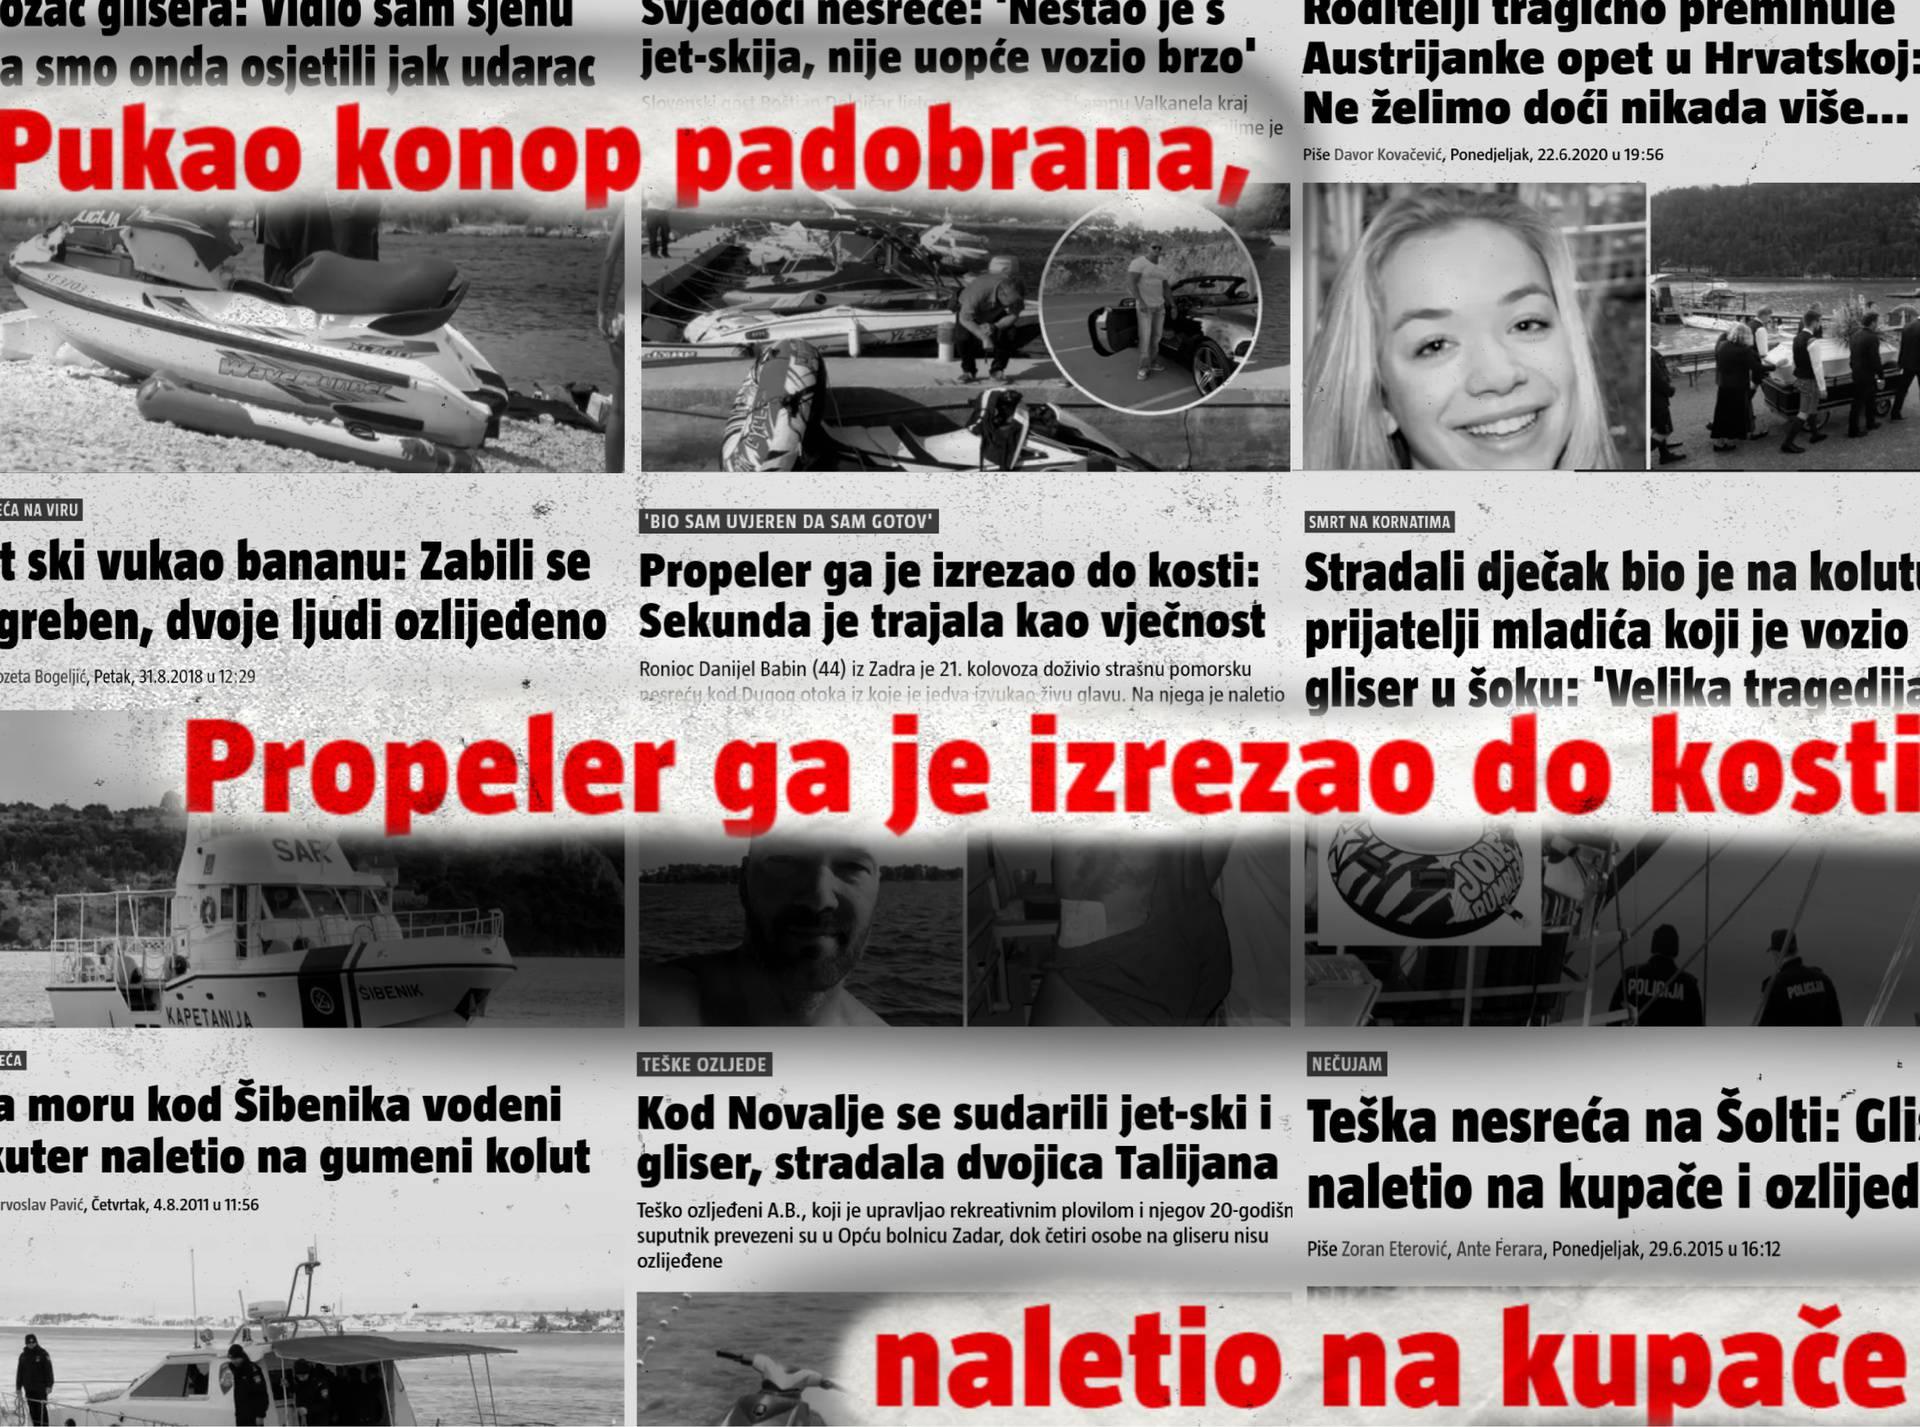 Kod nas na moru djeca voze jet-ski, pucaju padobrani, ronioce sijeku propeleri, a turisti umiru